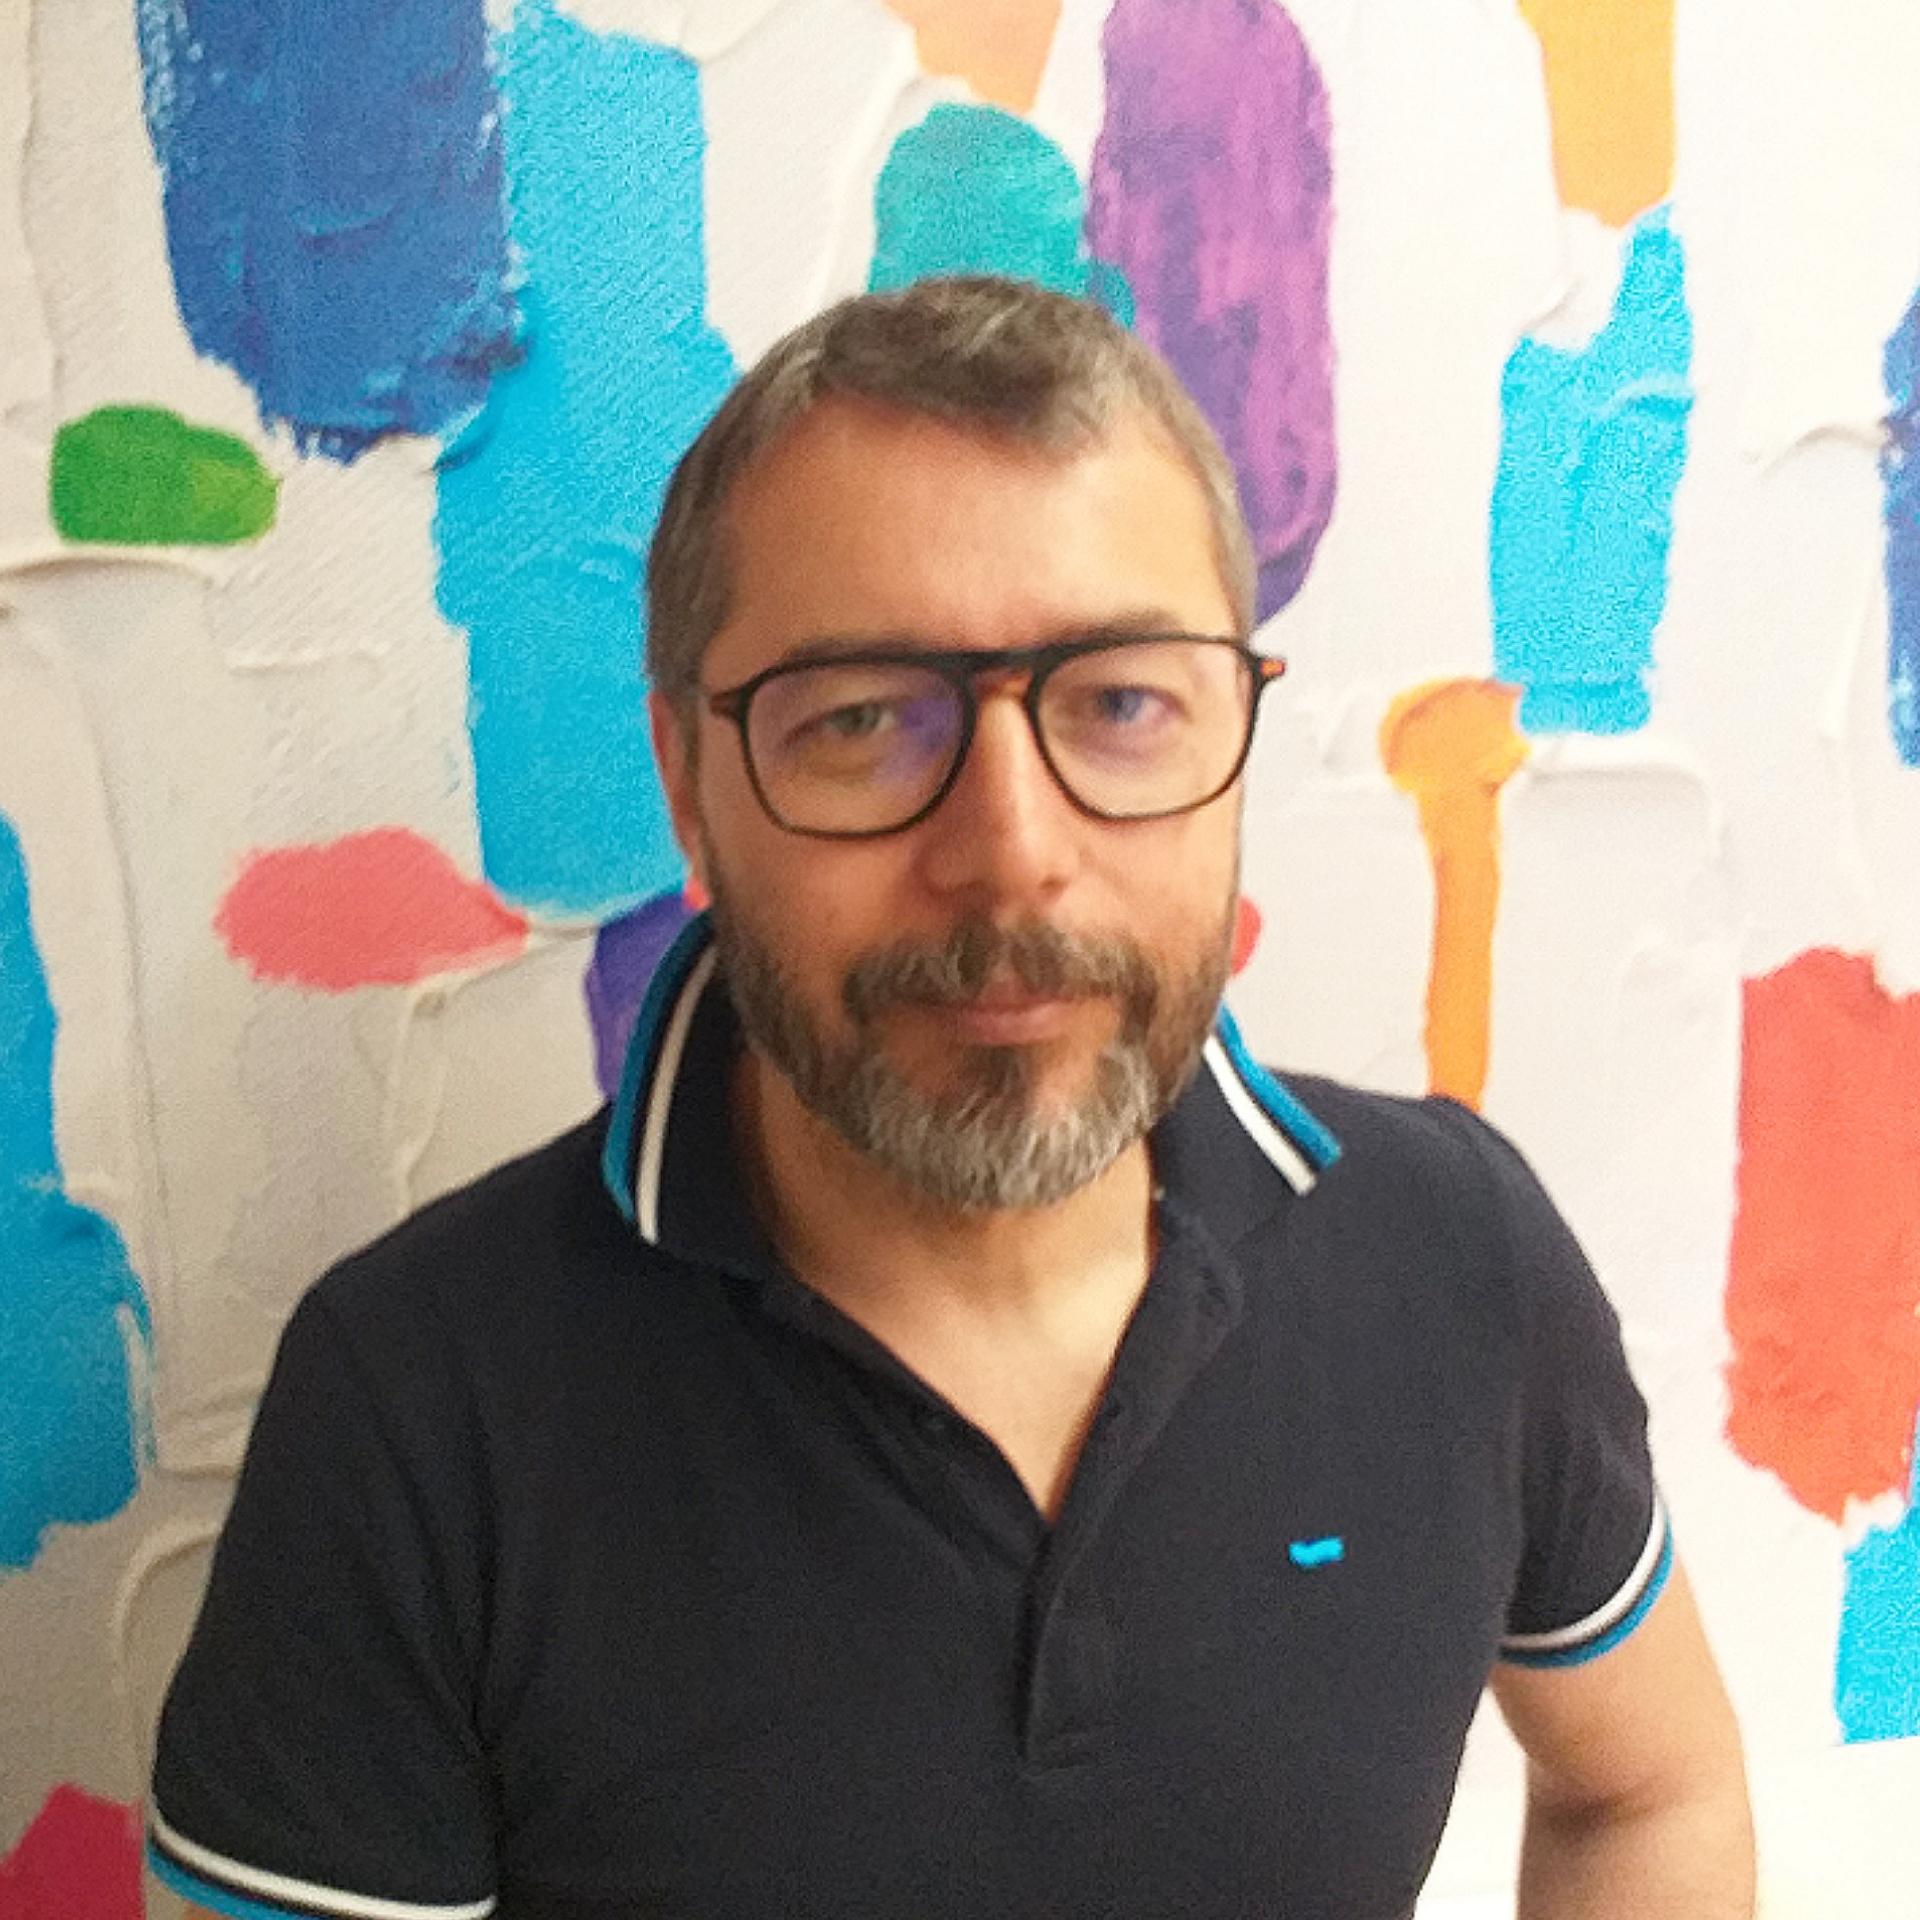 Riccardo Serafini: formatore in diritto del lavoro da Armonia dal 2016 e consulente del lavoro iscritto all'ordine dei Commercialisti e degli Esperti Contabili di Firenze dal 1995.